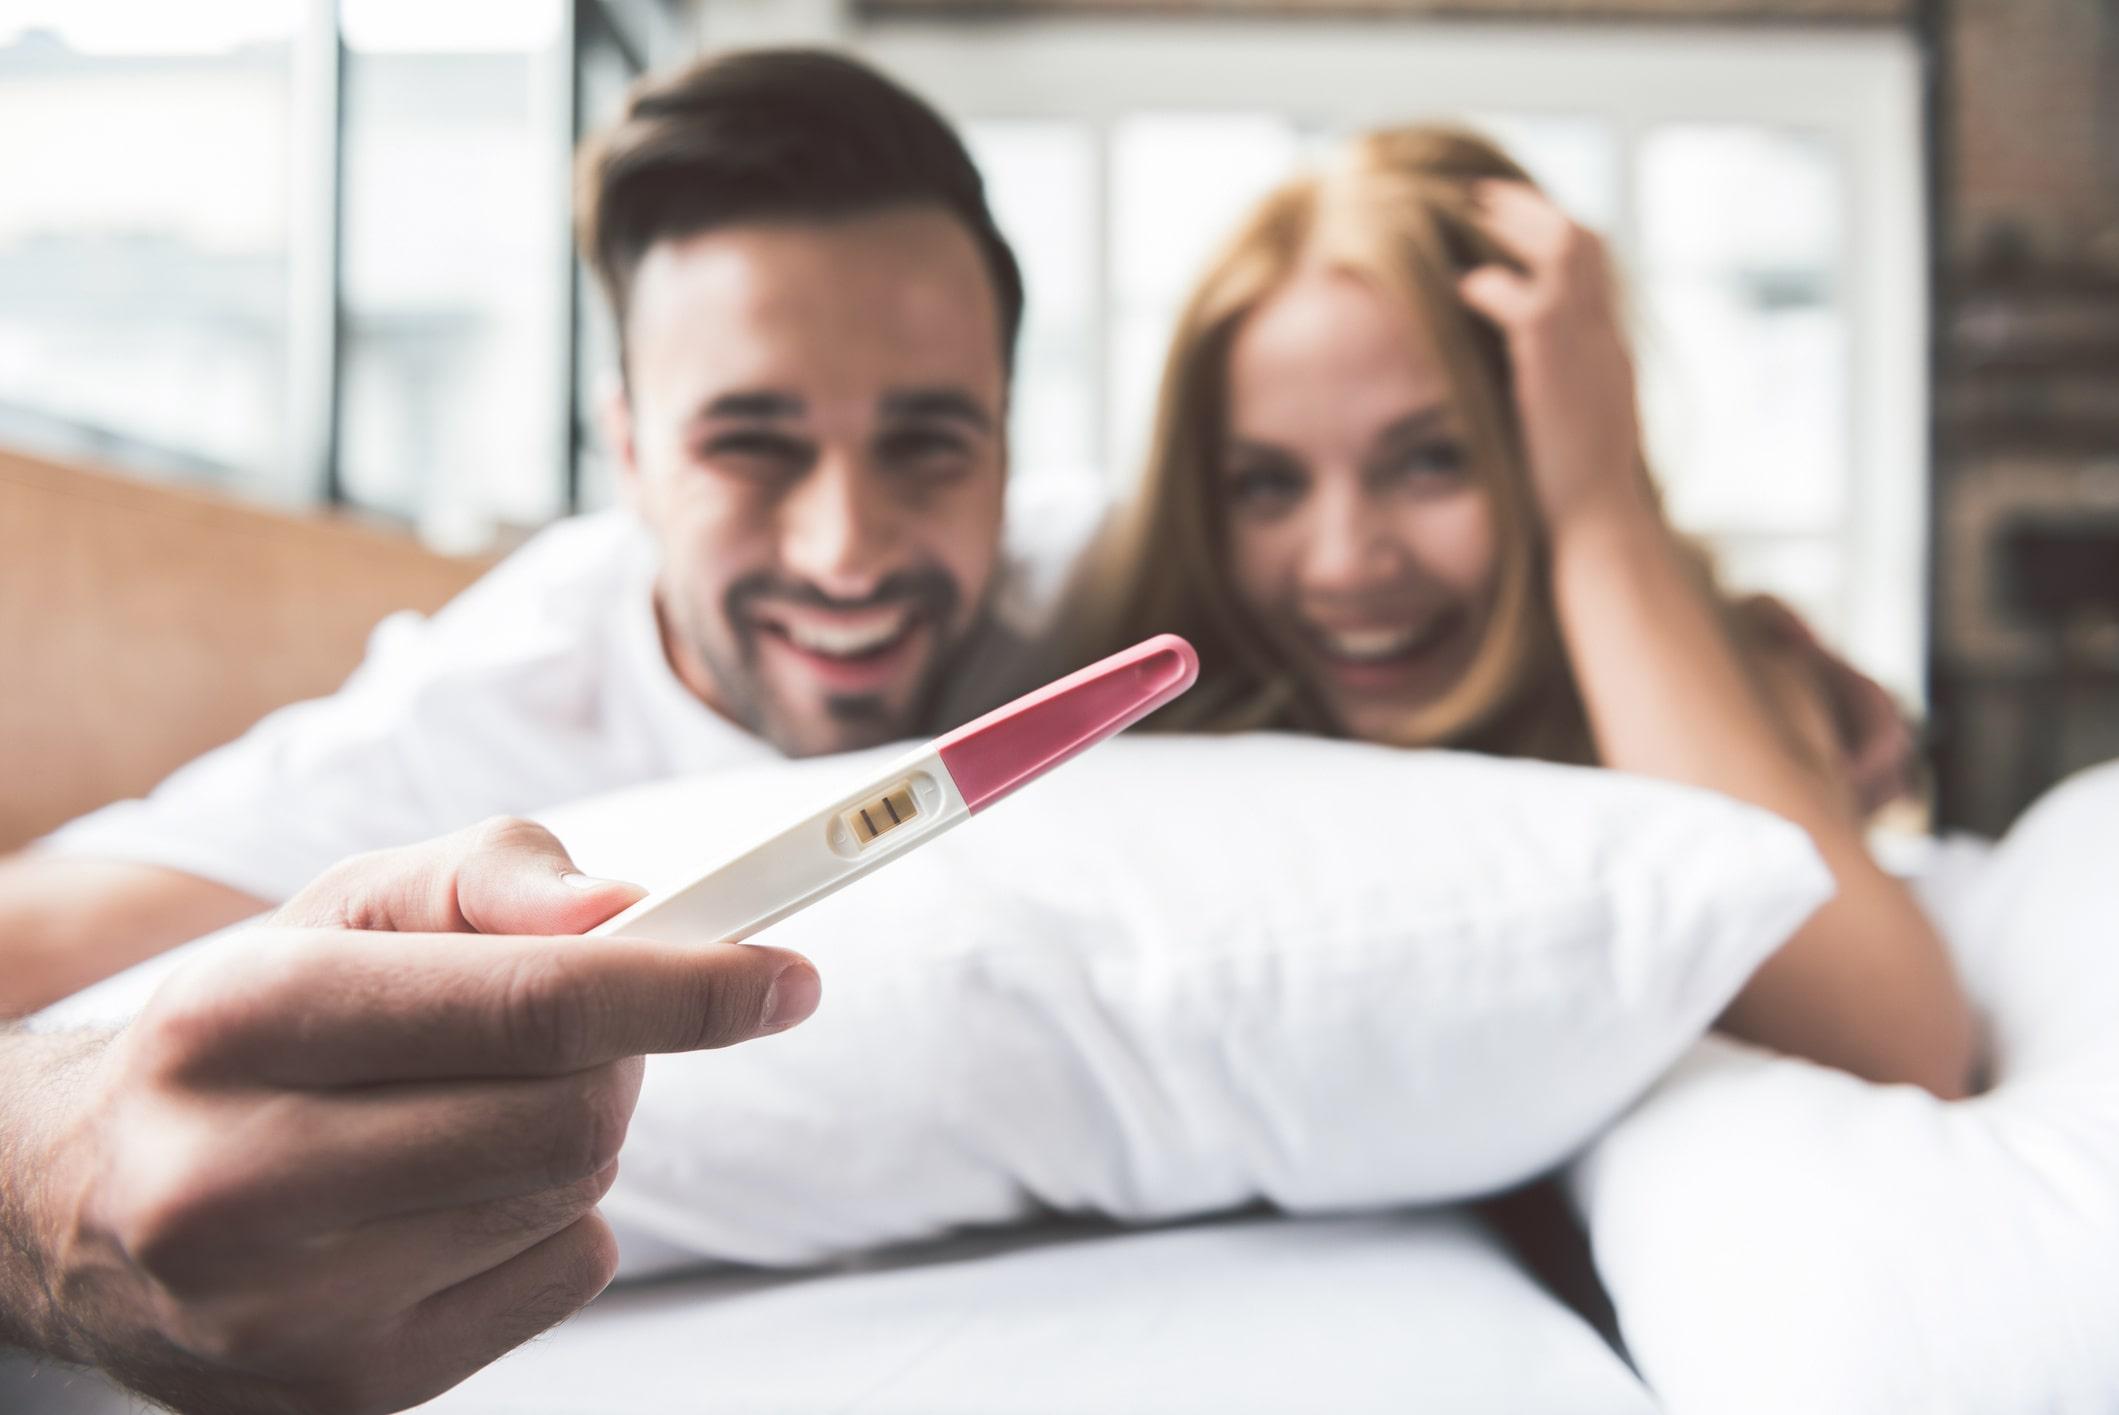 svettningar tidig graviditet